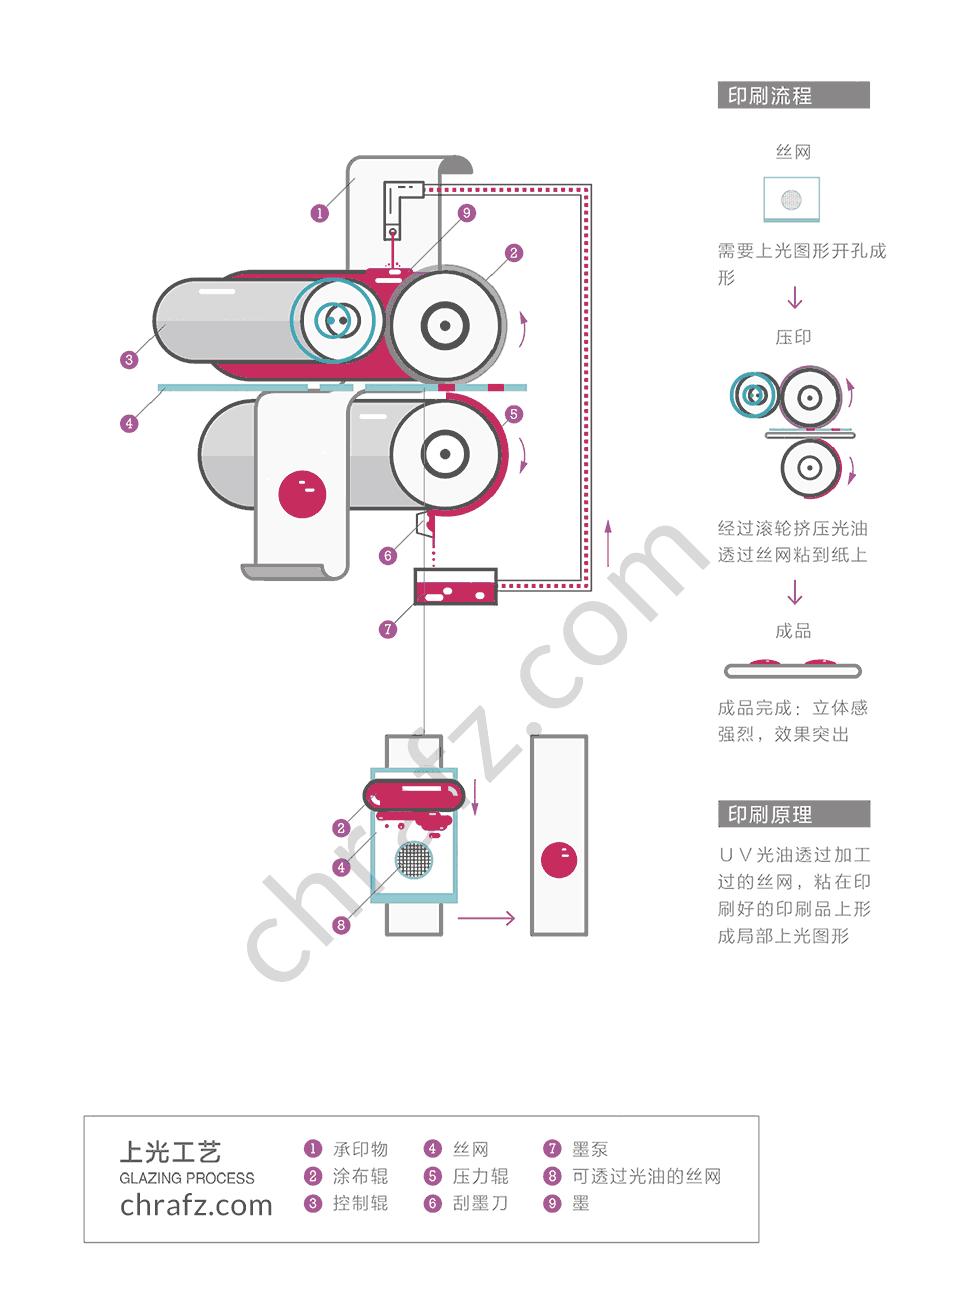 上光工艺的流程及原理-设计